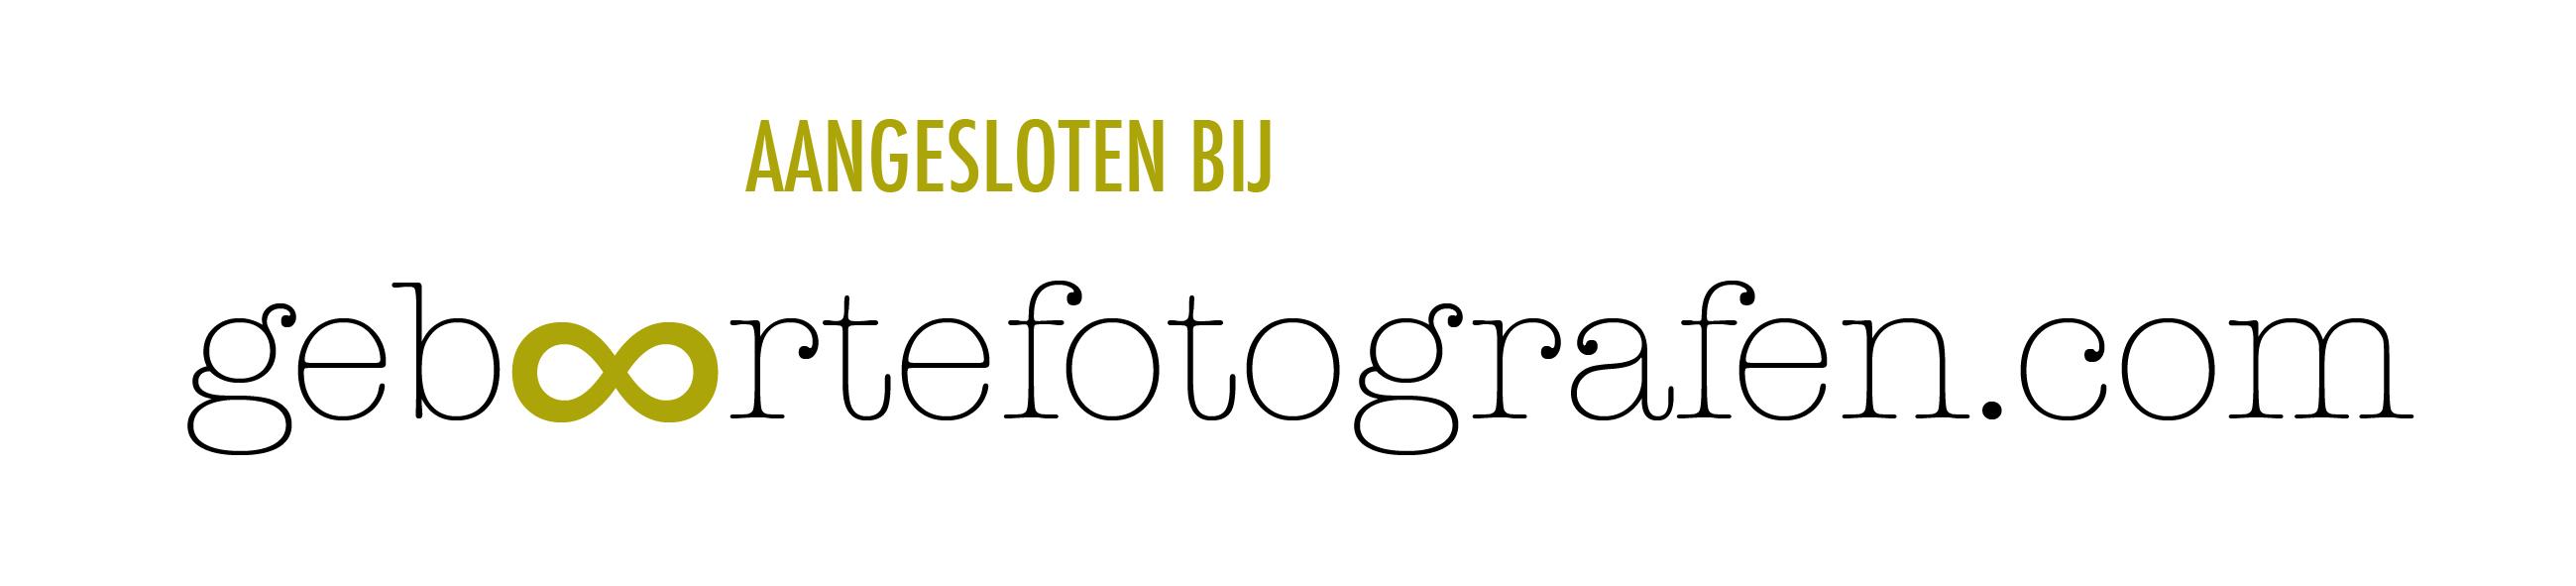 Aangesloten Bij Geboortefotografen.com